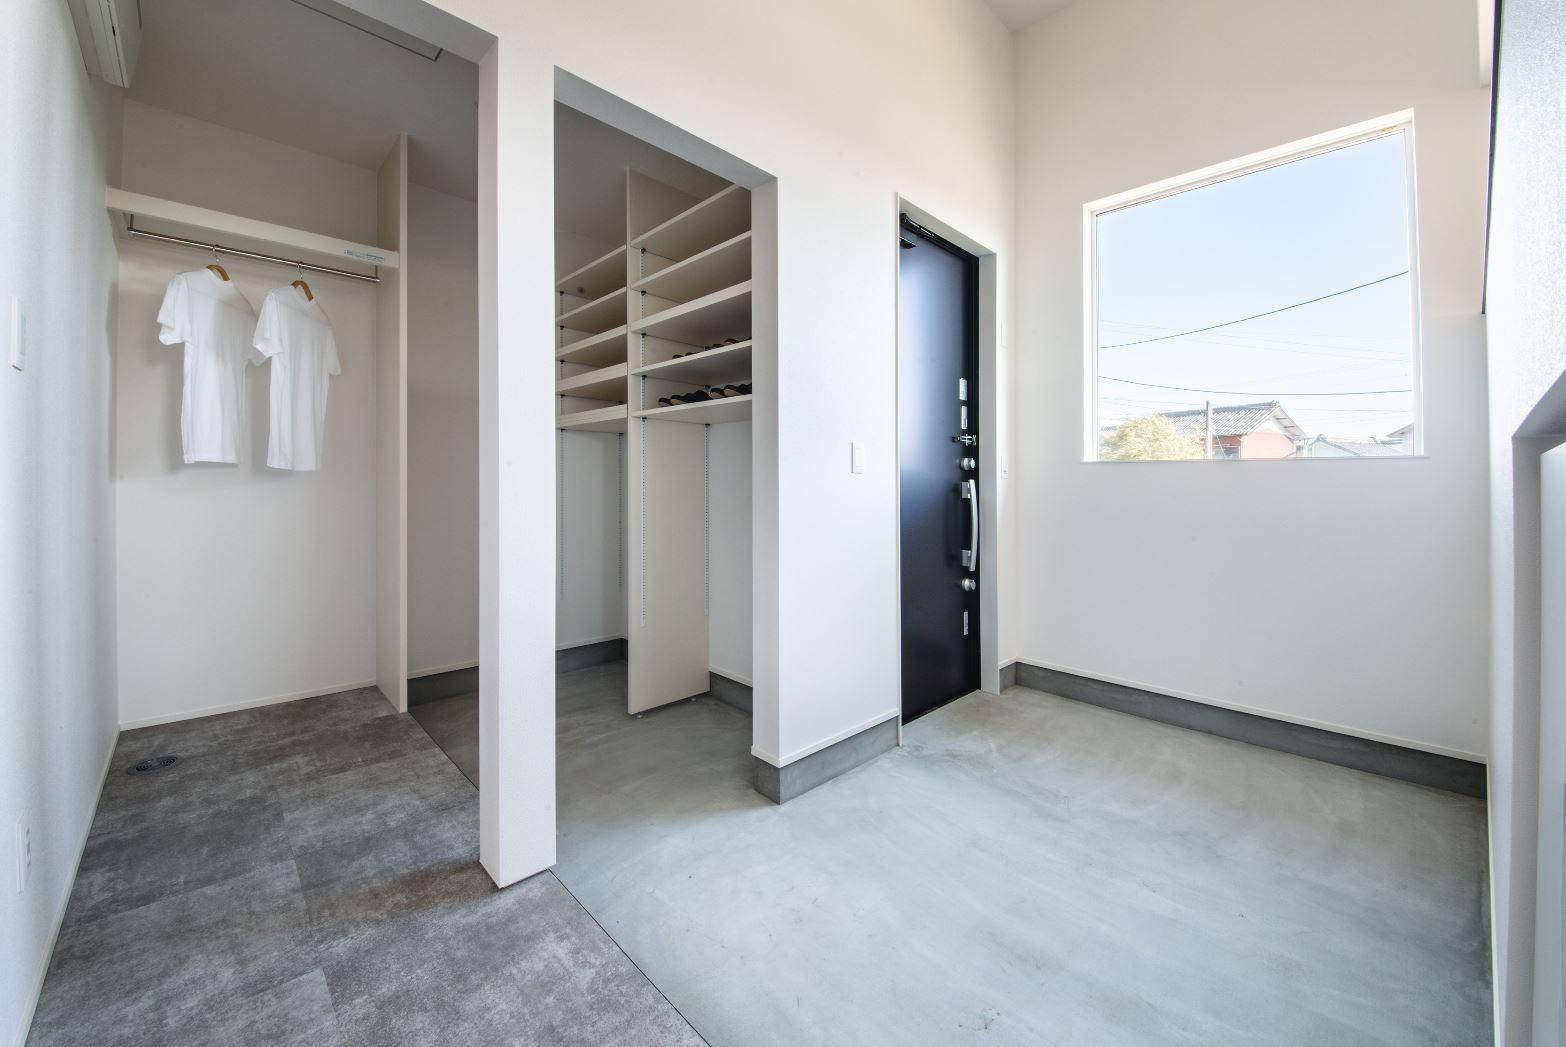 S.CONNECT(エスコネクト)【ペット、建築家、平屋】コンクリート調のフロアタイル廊下とつながりを感じられる土間。収納スペースも充分に確保